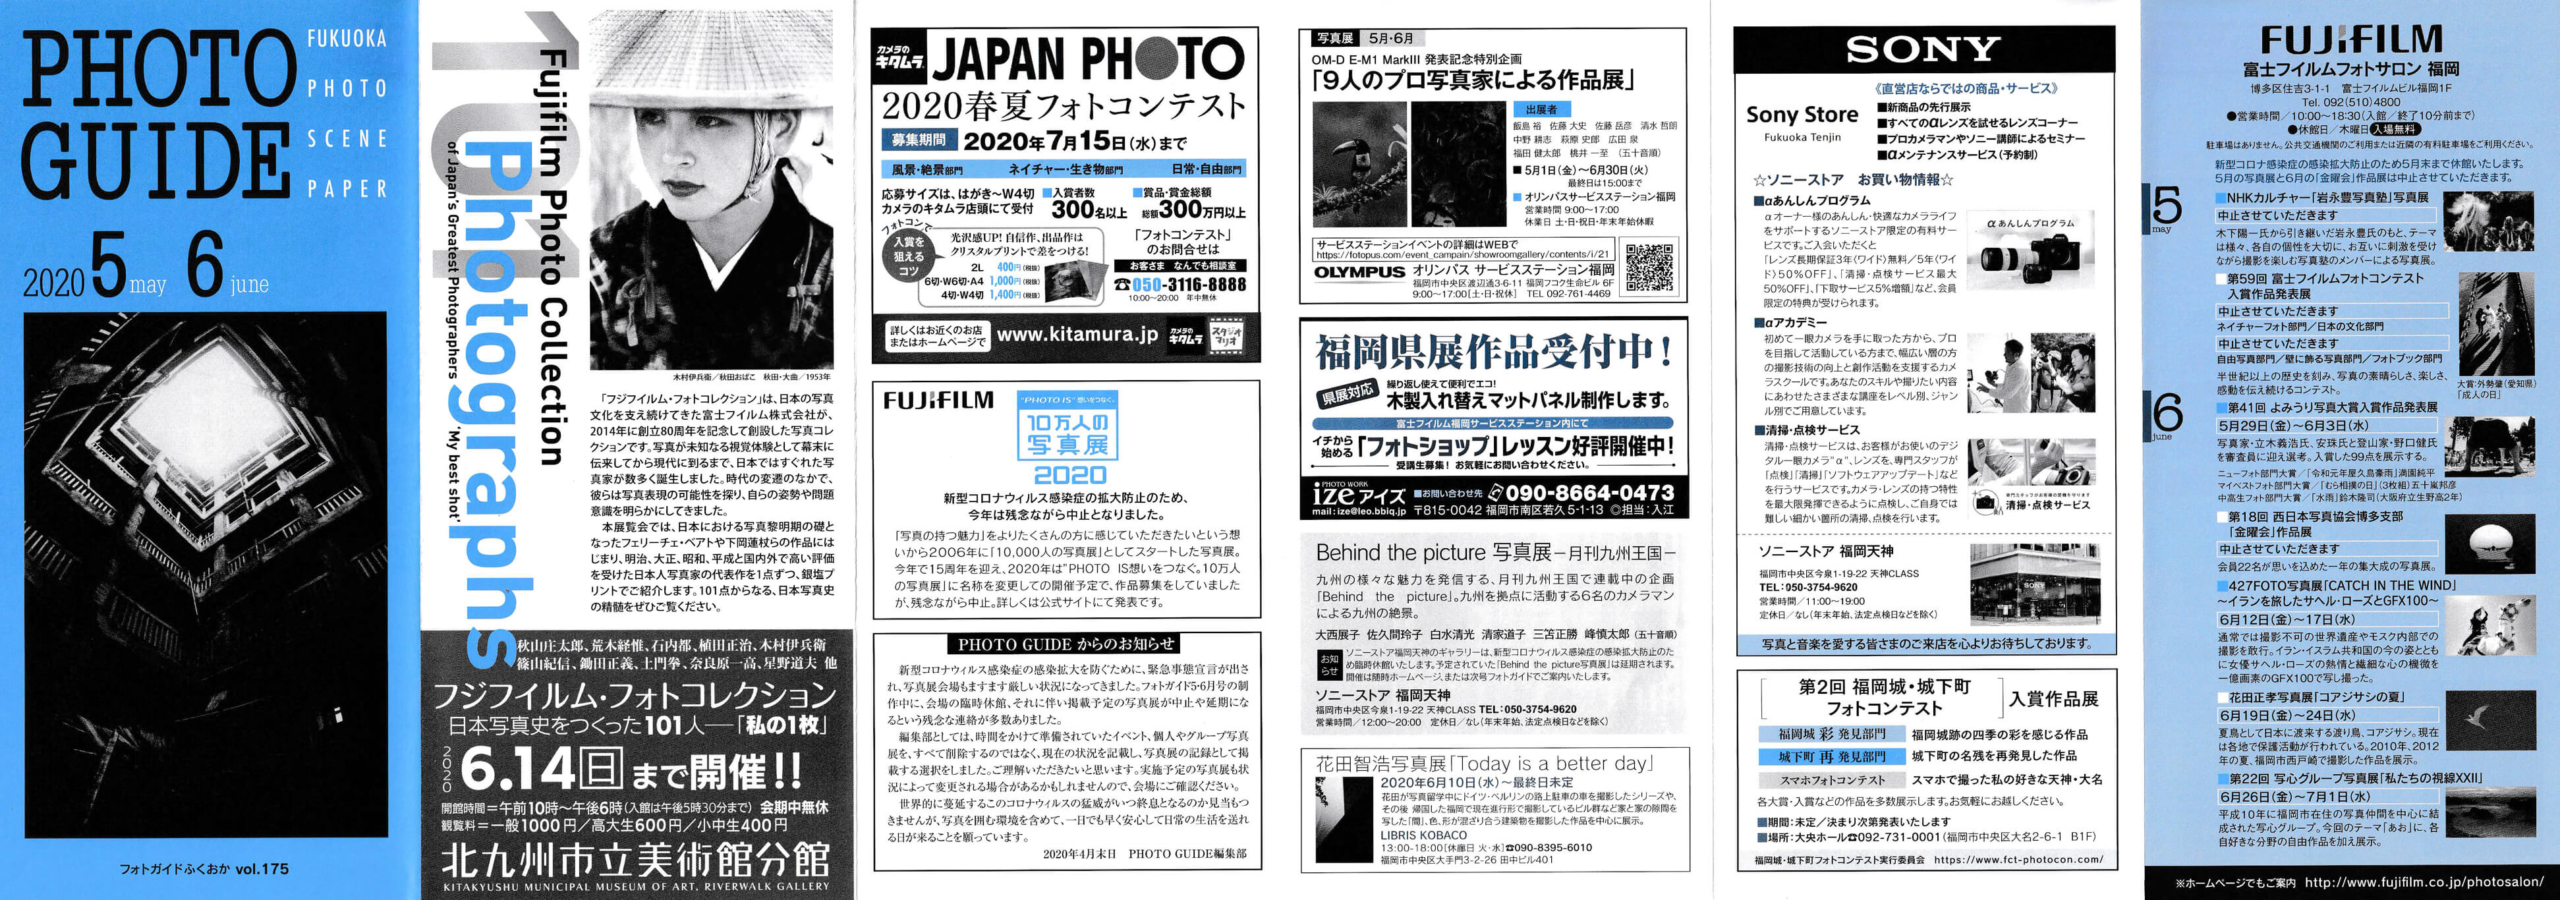 フォトガイドふくおか|アーカイブ|vol175